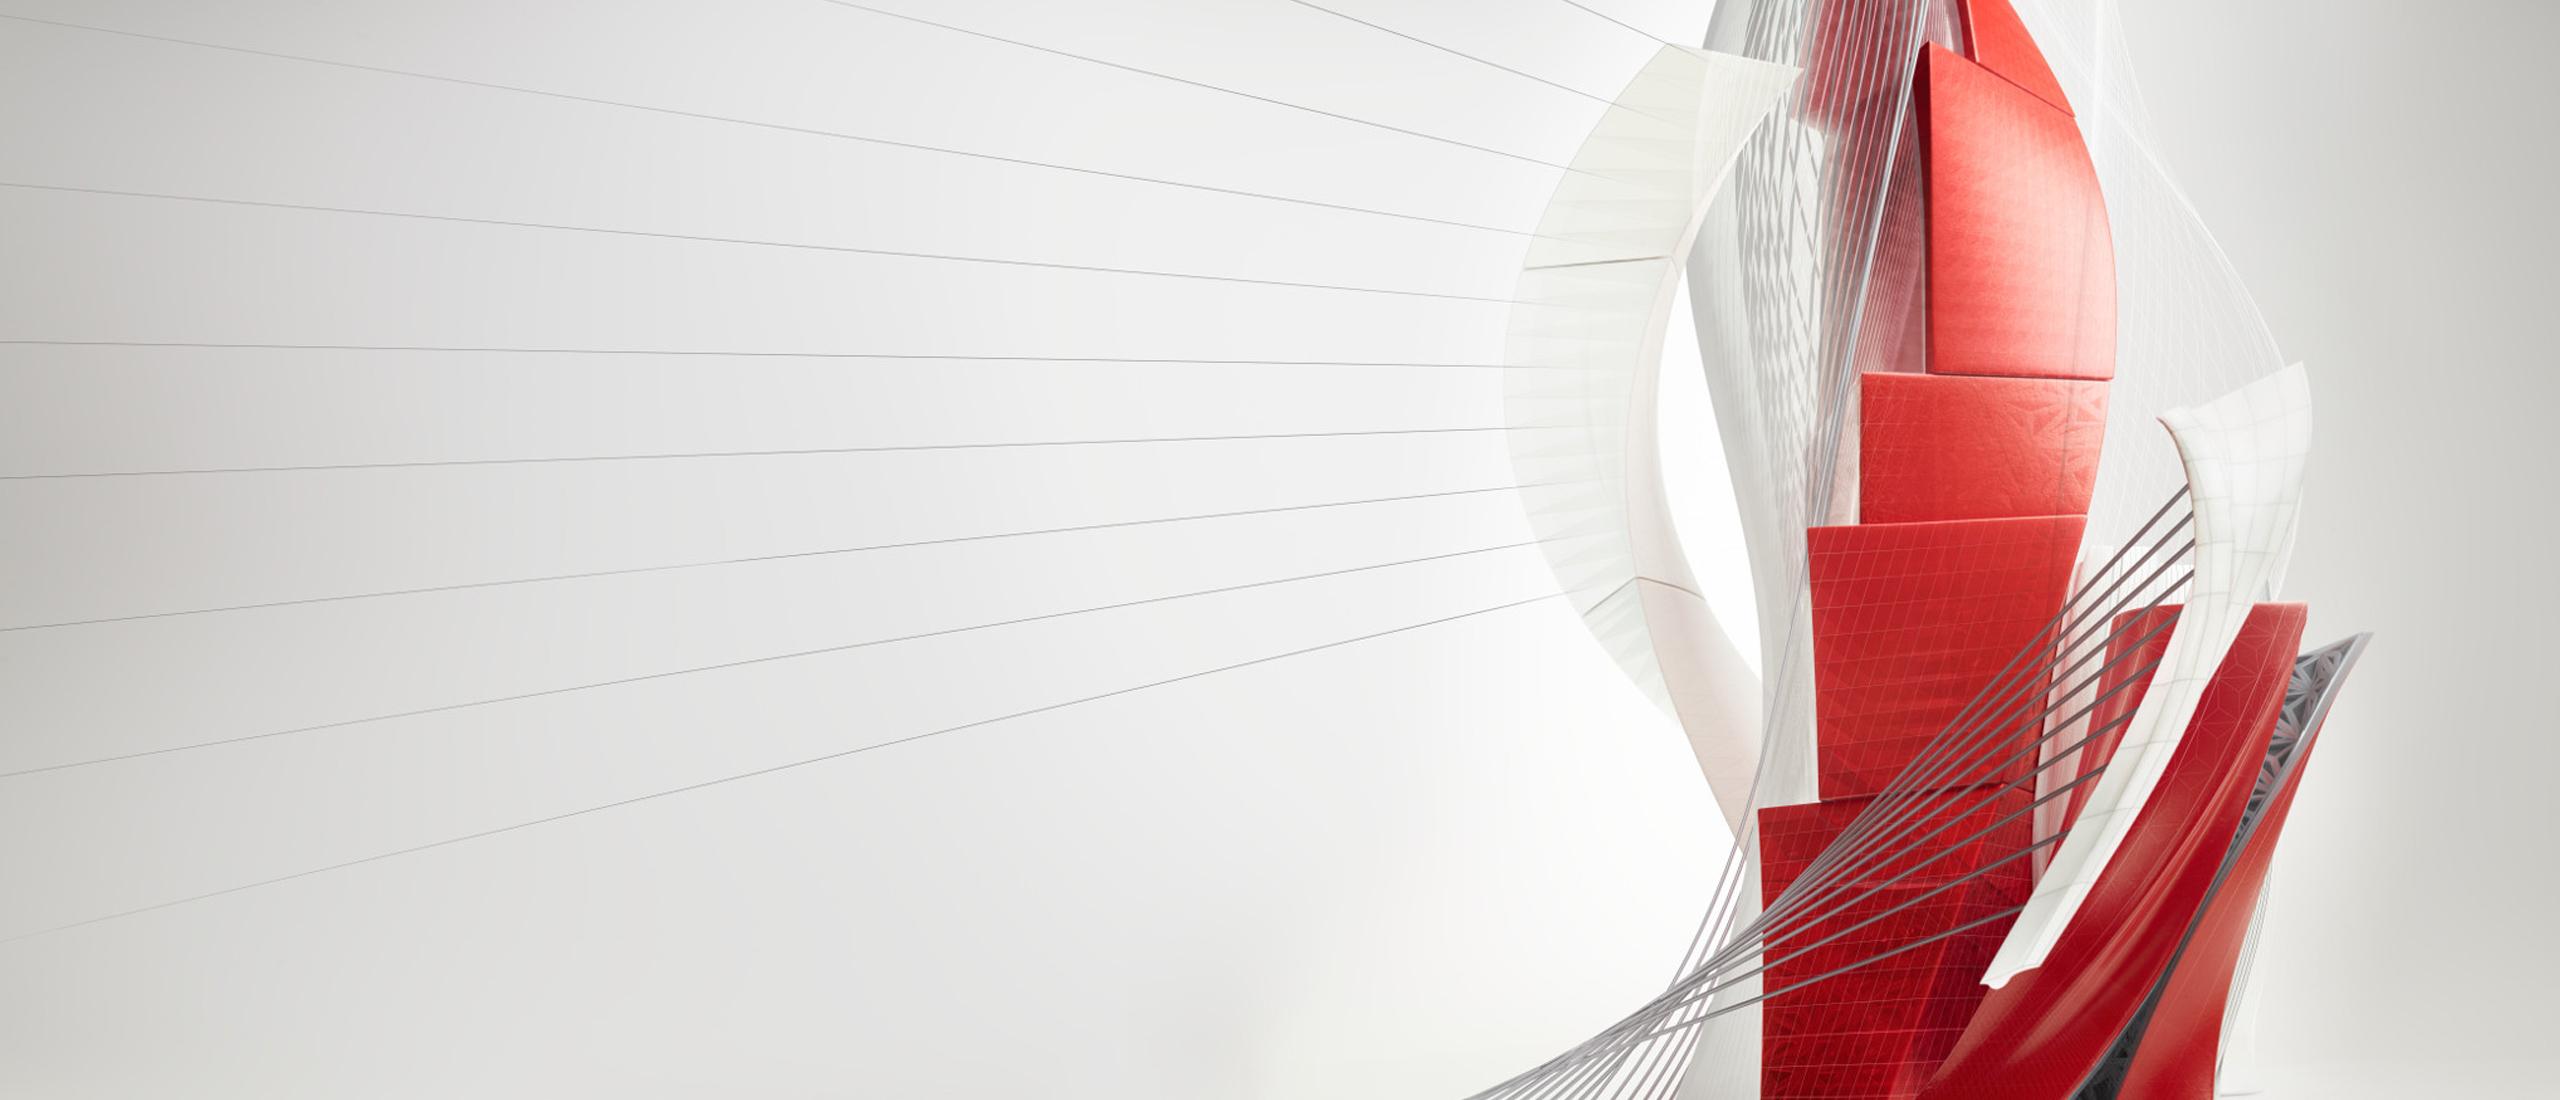 AutoCAD en AutoCAD vertical migreert naar Specialized toolsets